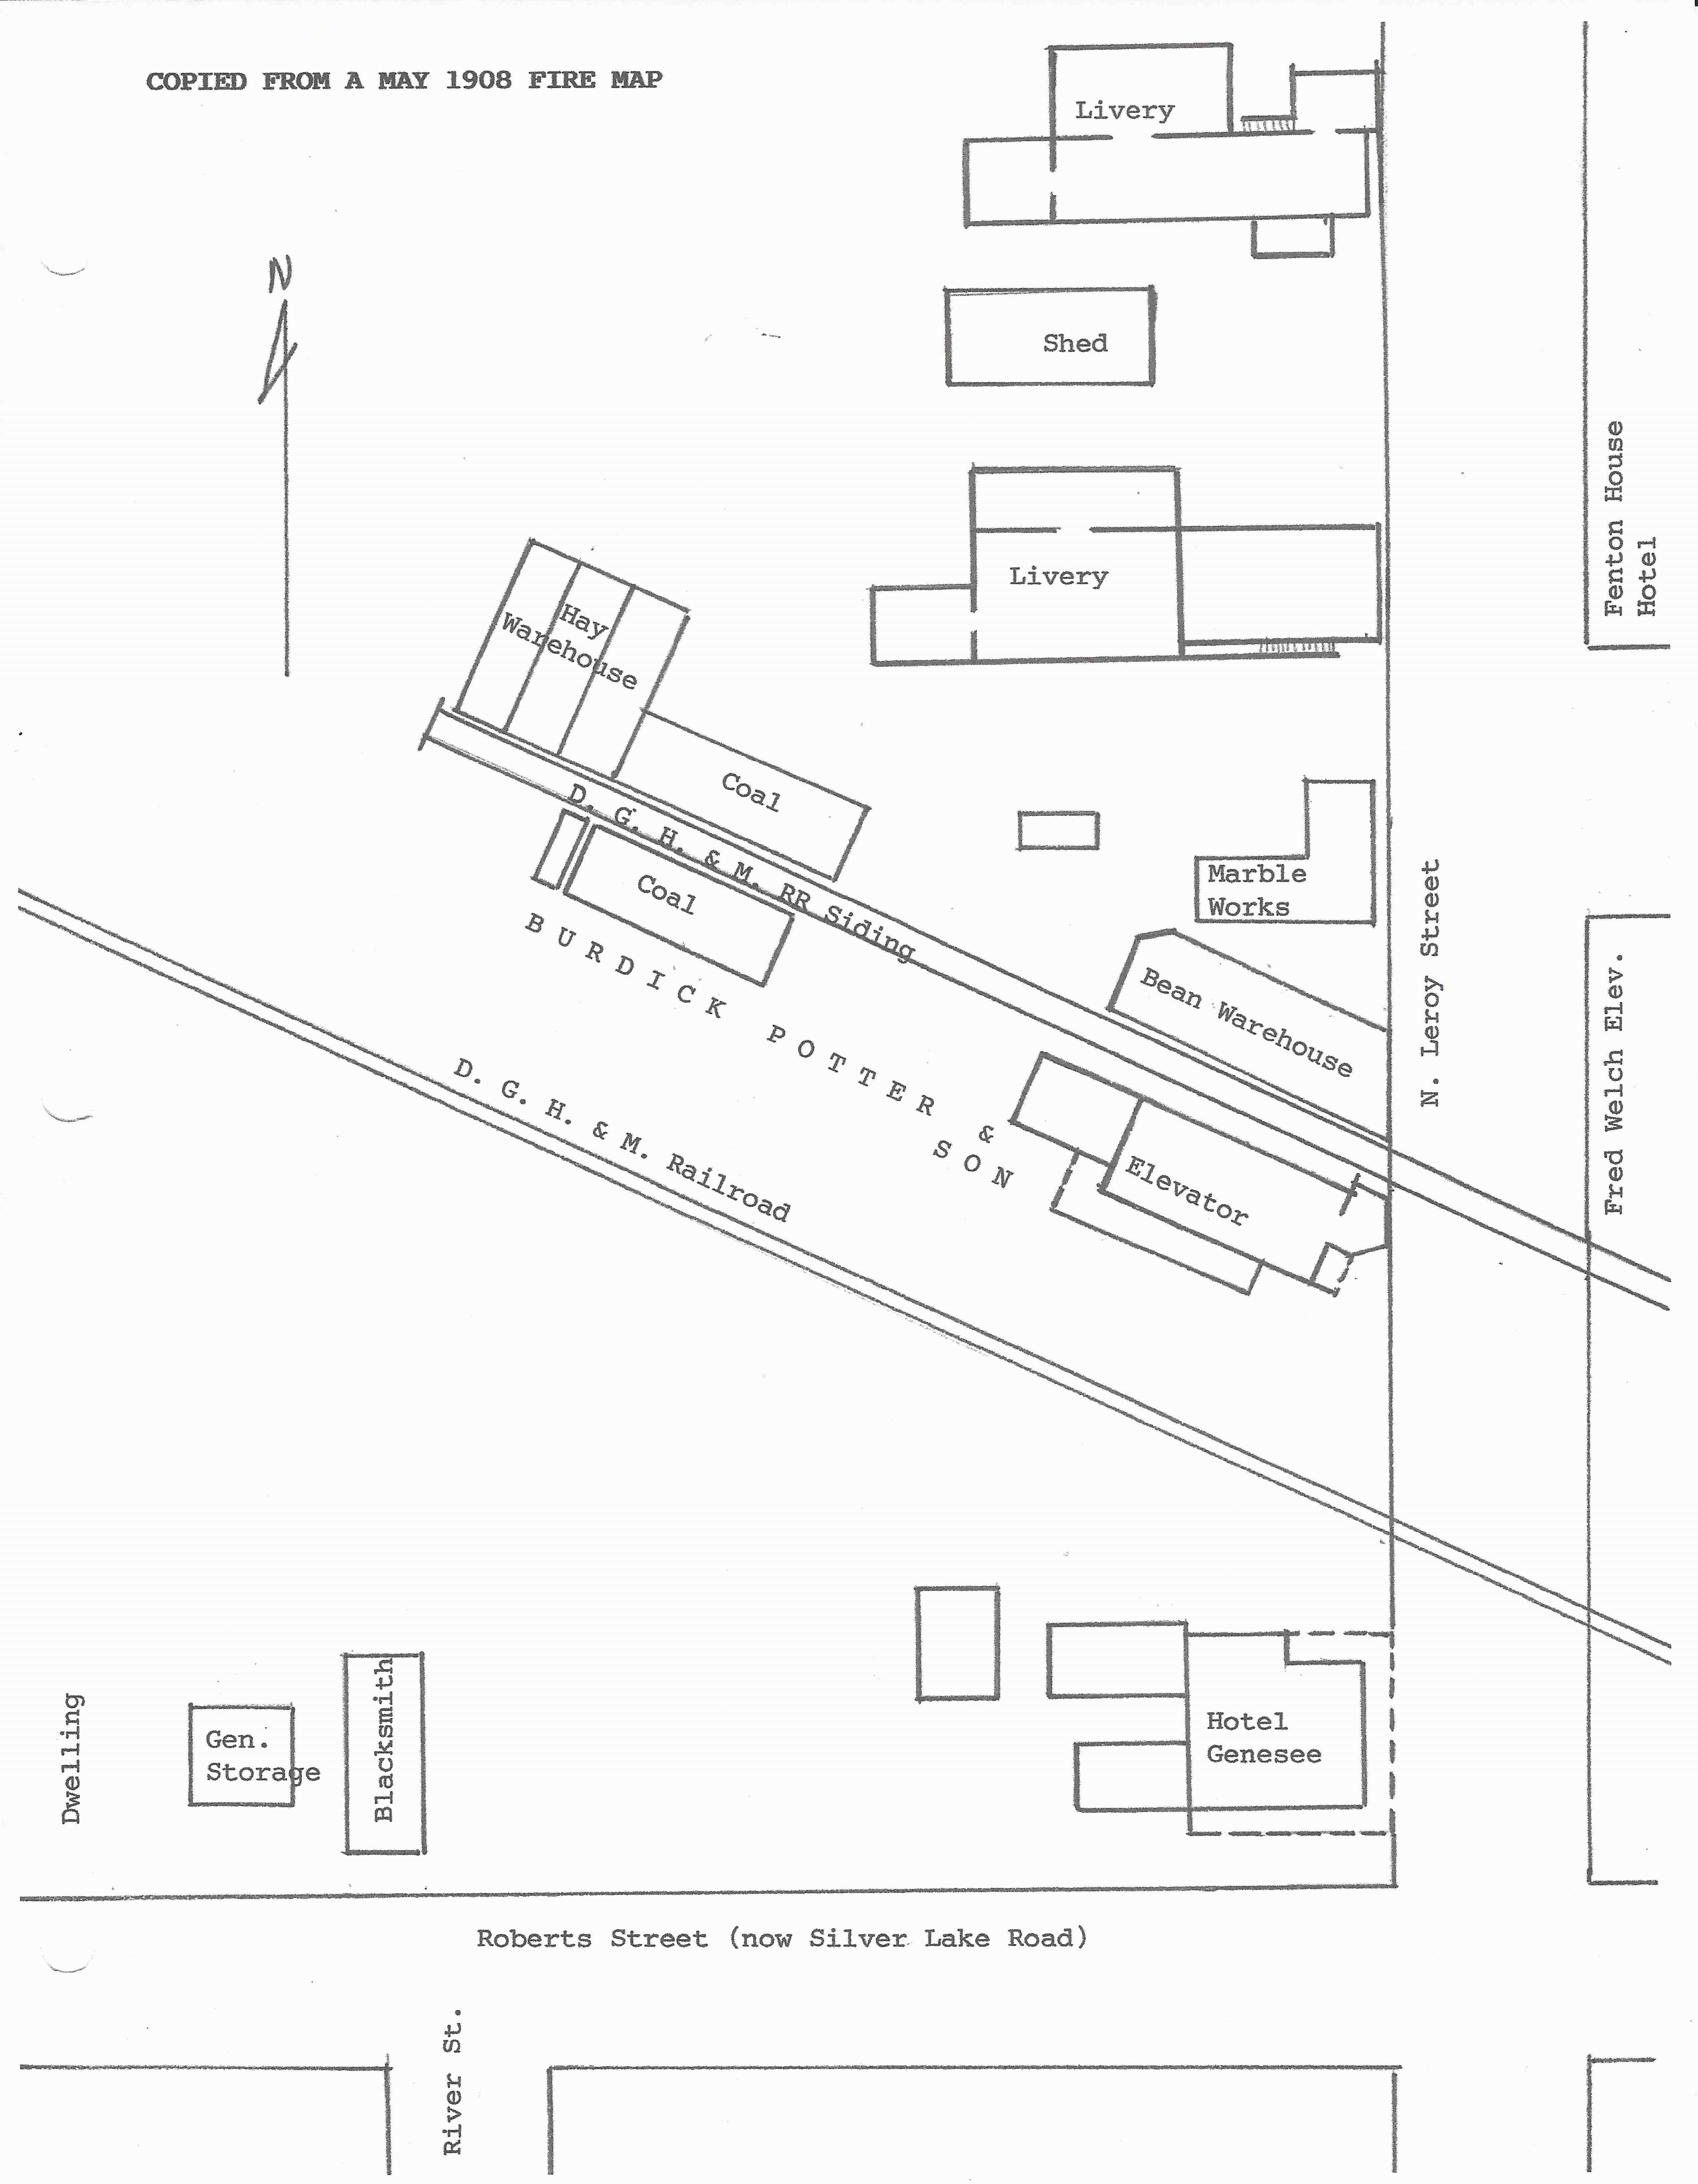 map of original location